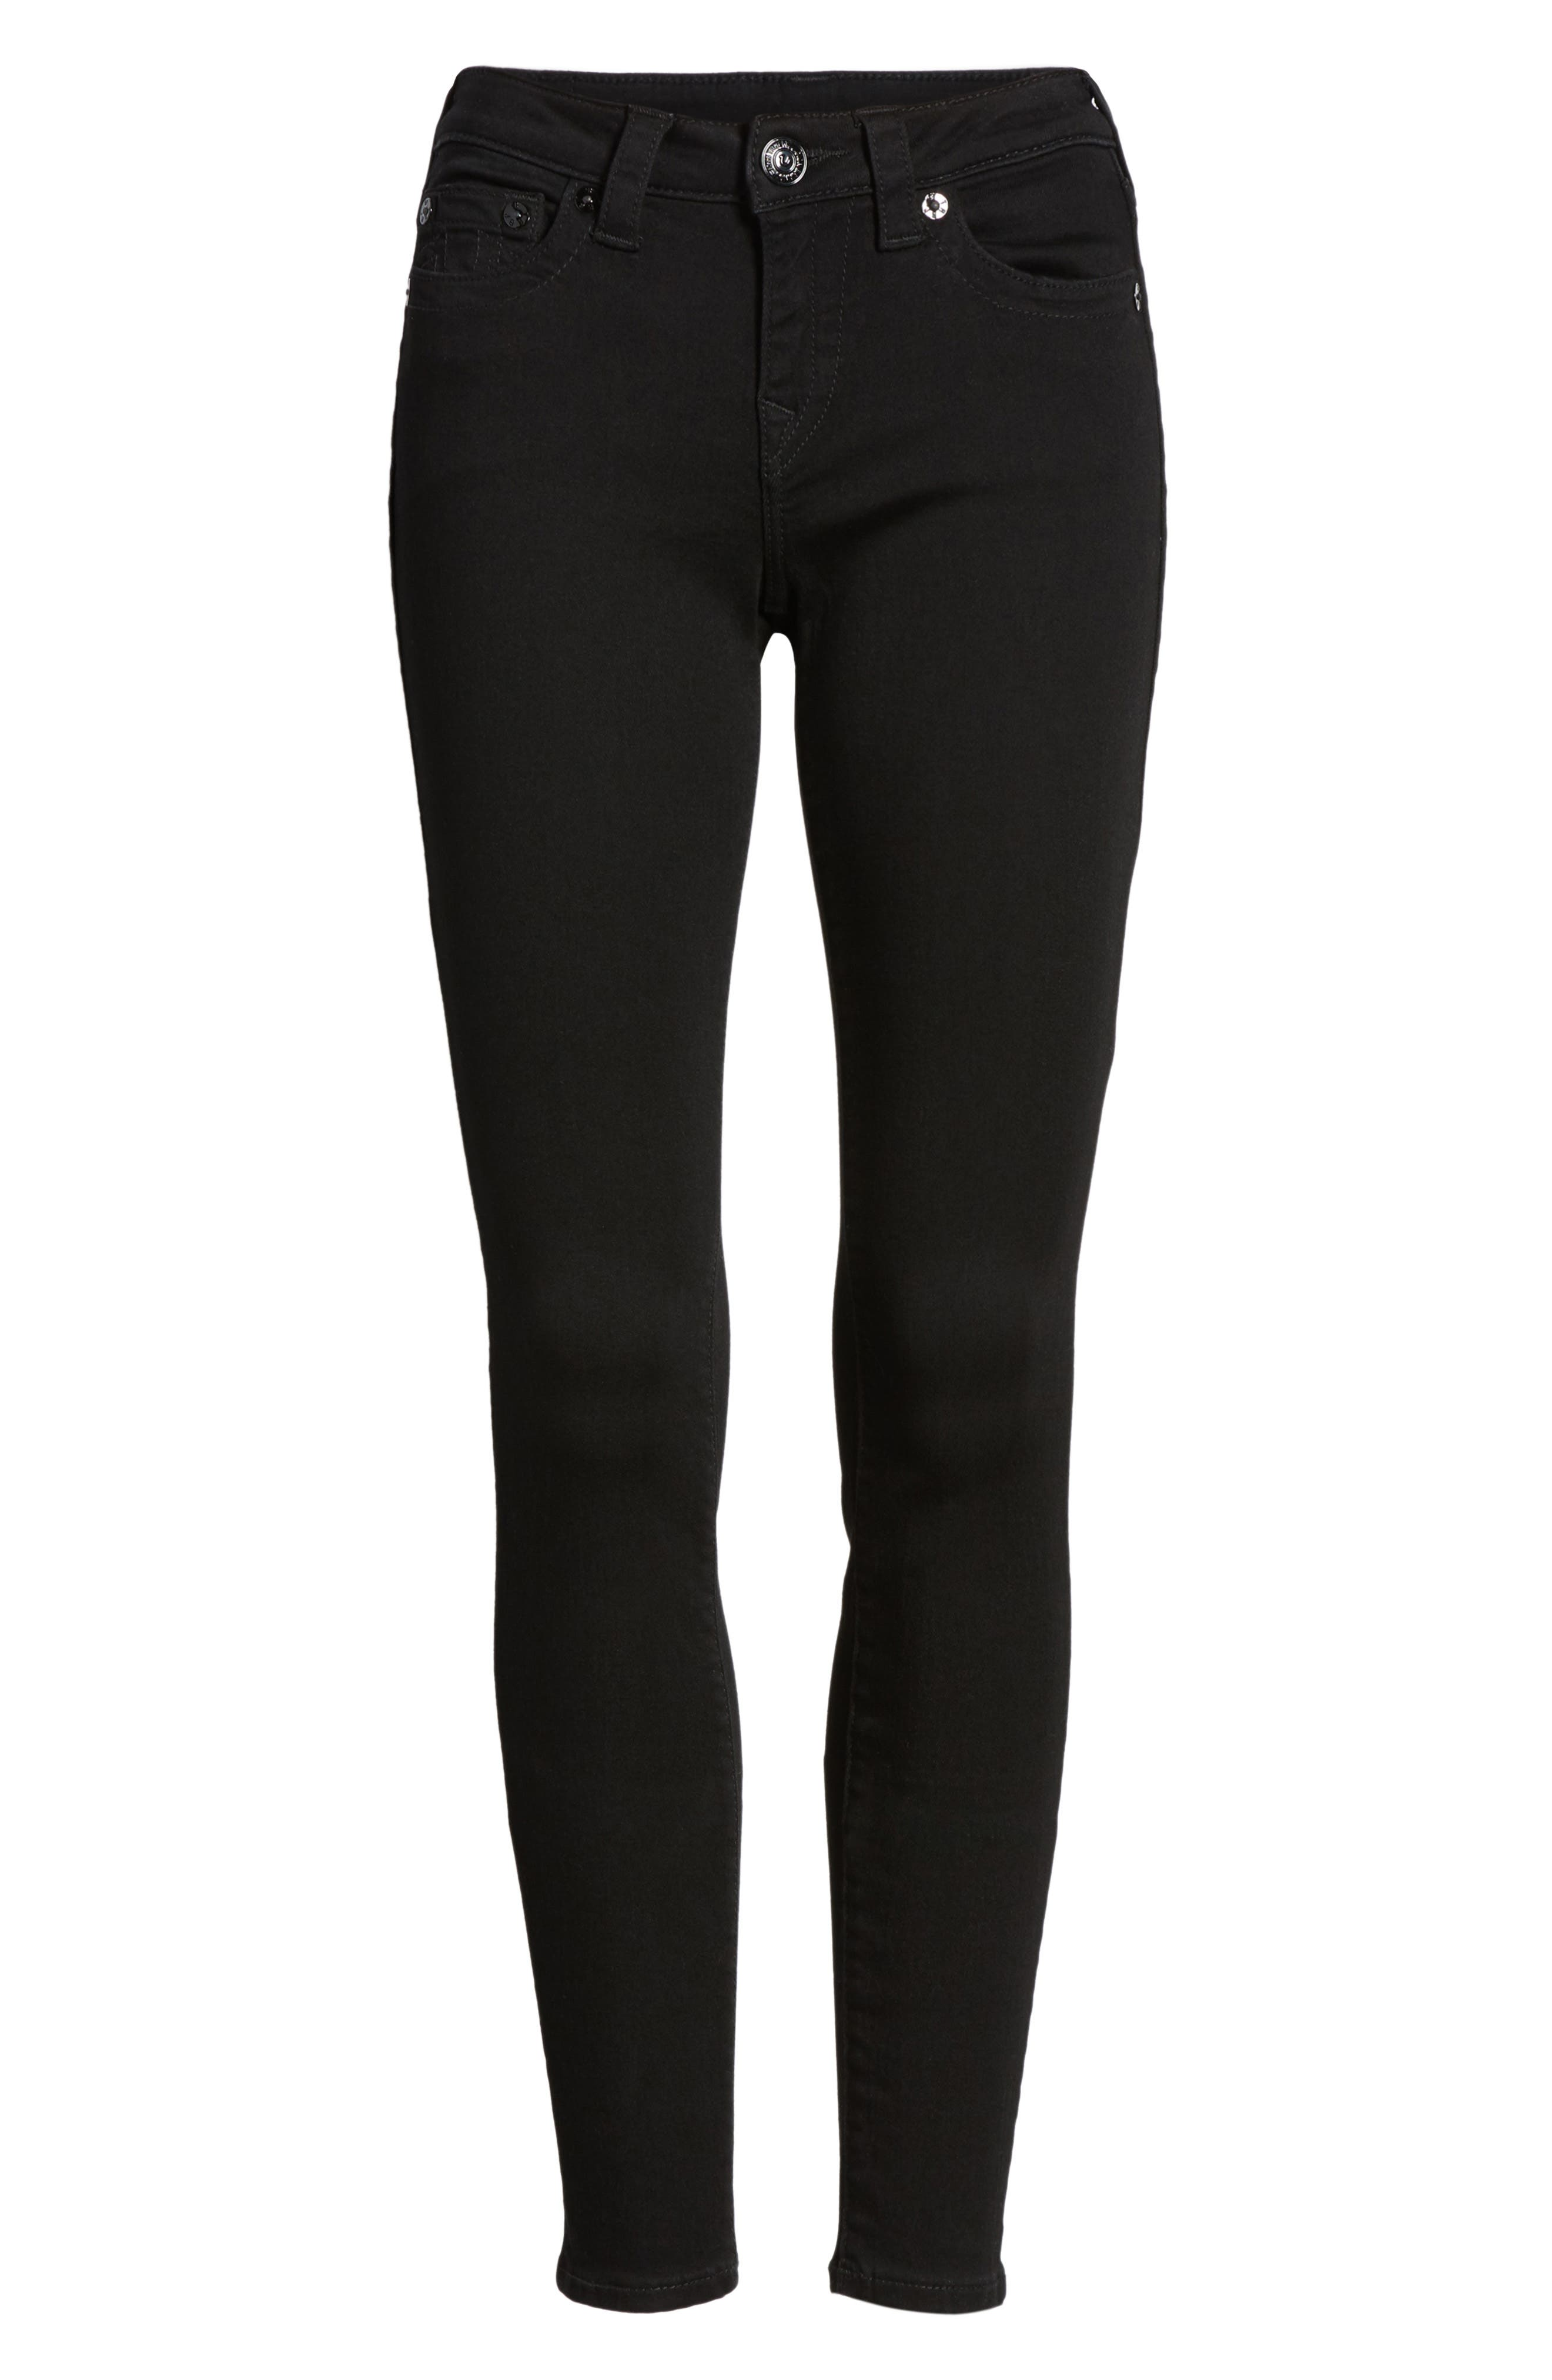 Halle Super Skinny Jeans,                             Alternate thumbnail 6, color,                             Way Back Black